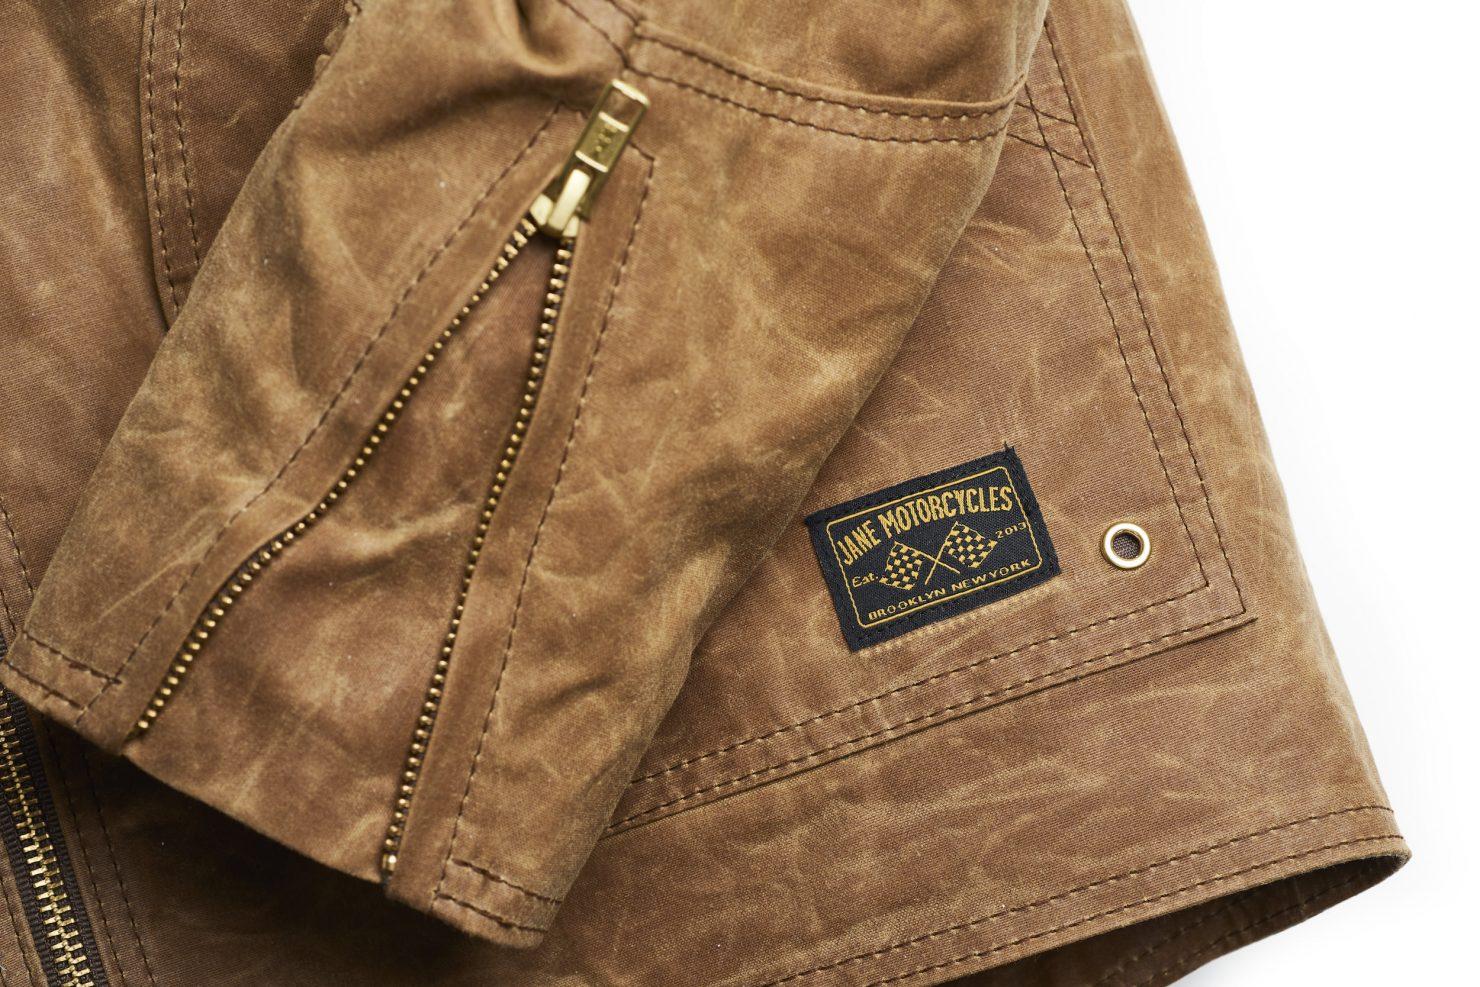 Jane Motorcycles Driggs Jacket Detail 1 1480x987 - Jane Motorcycles Driggs Jacket